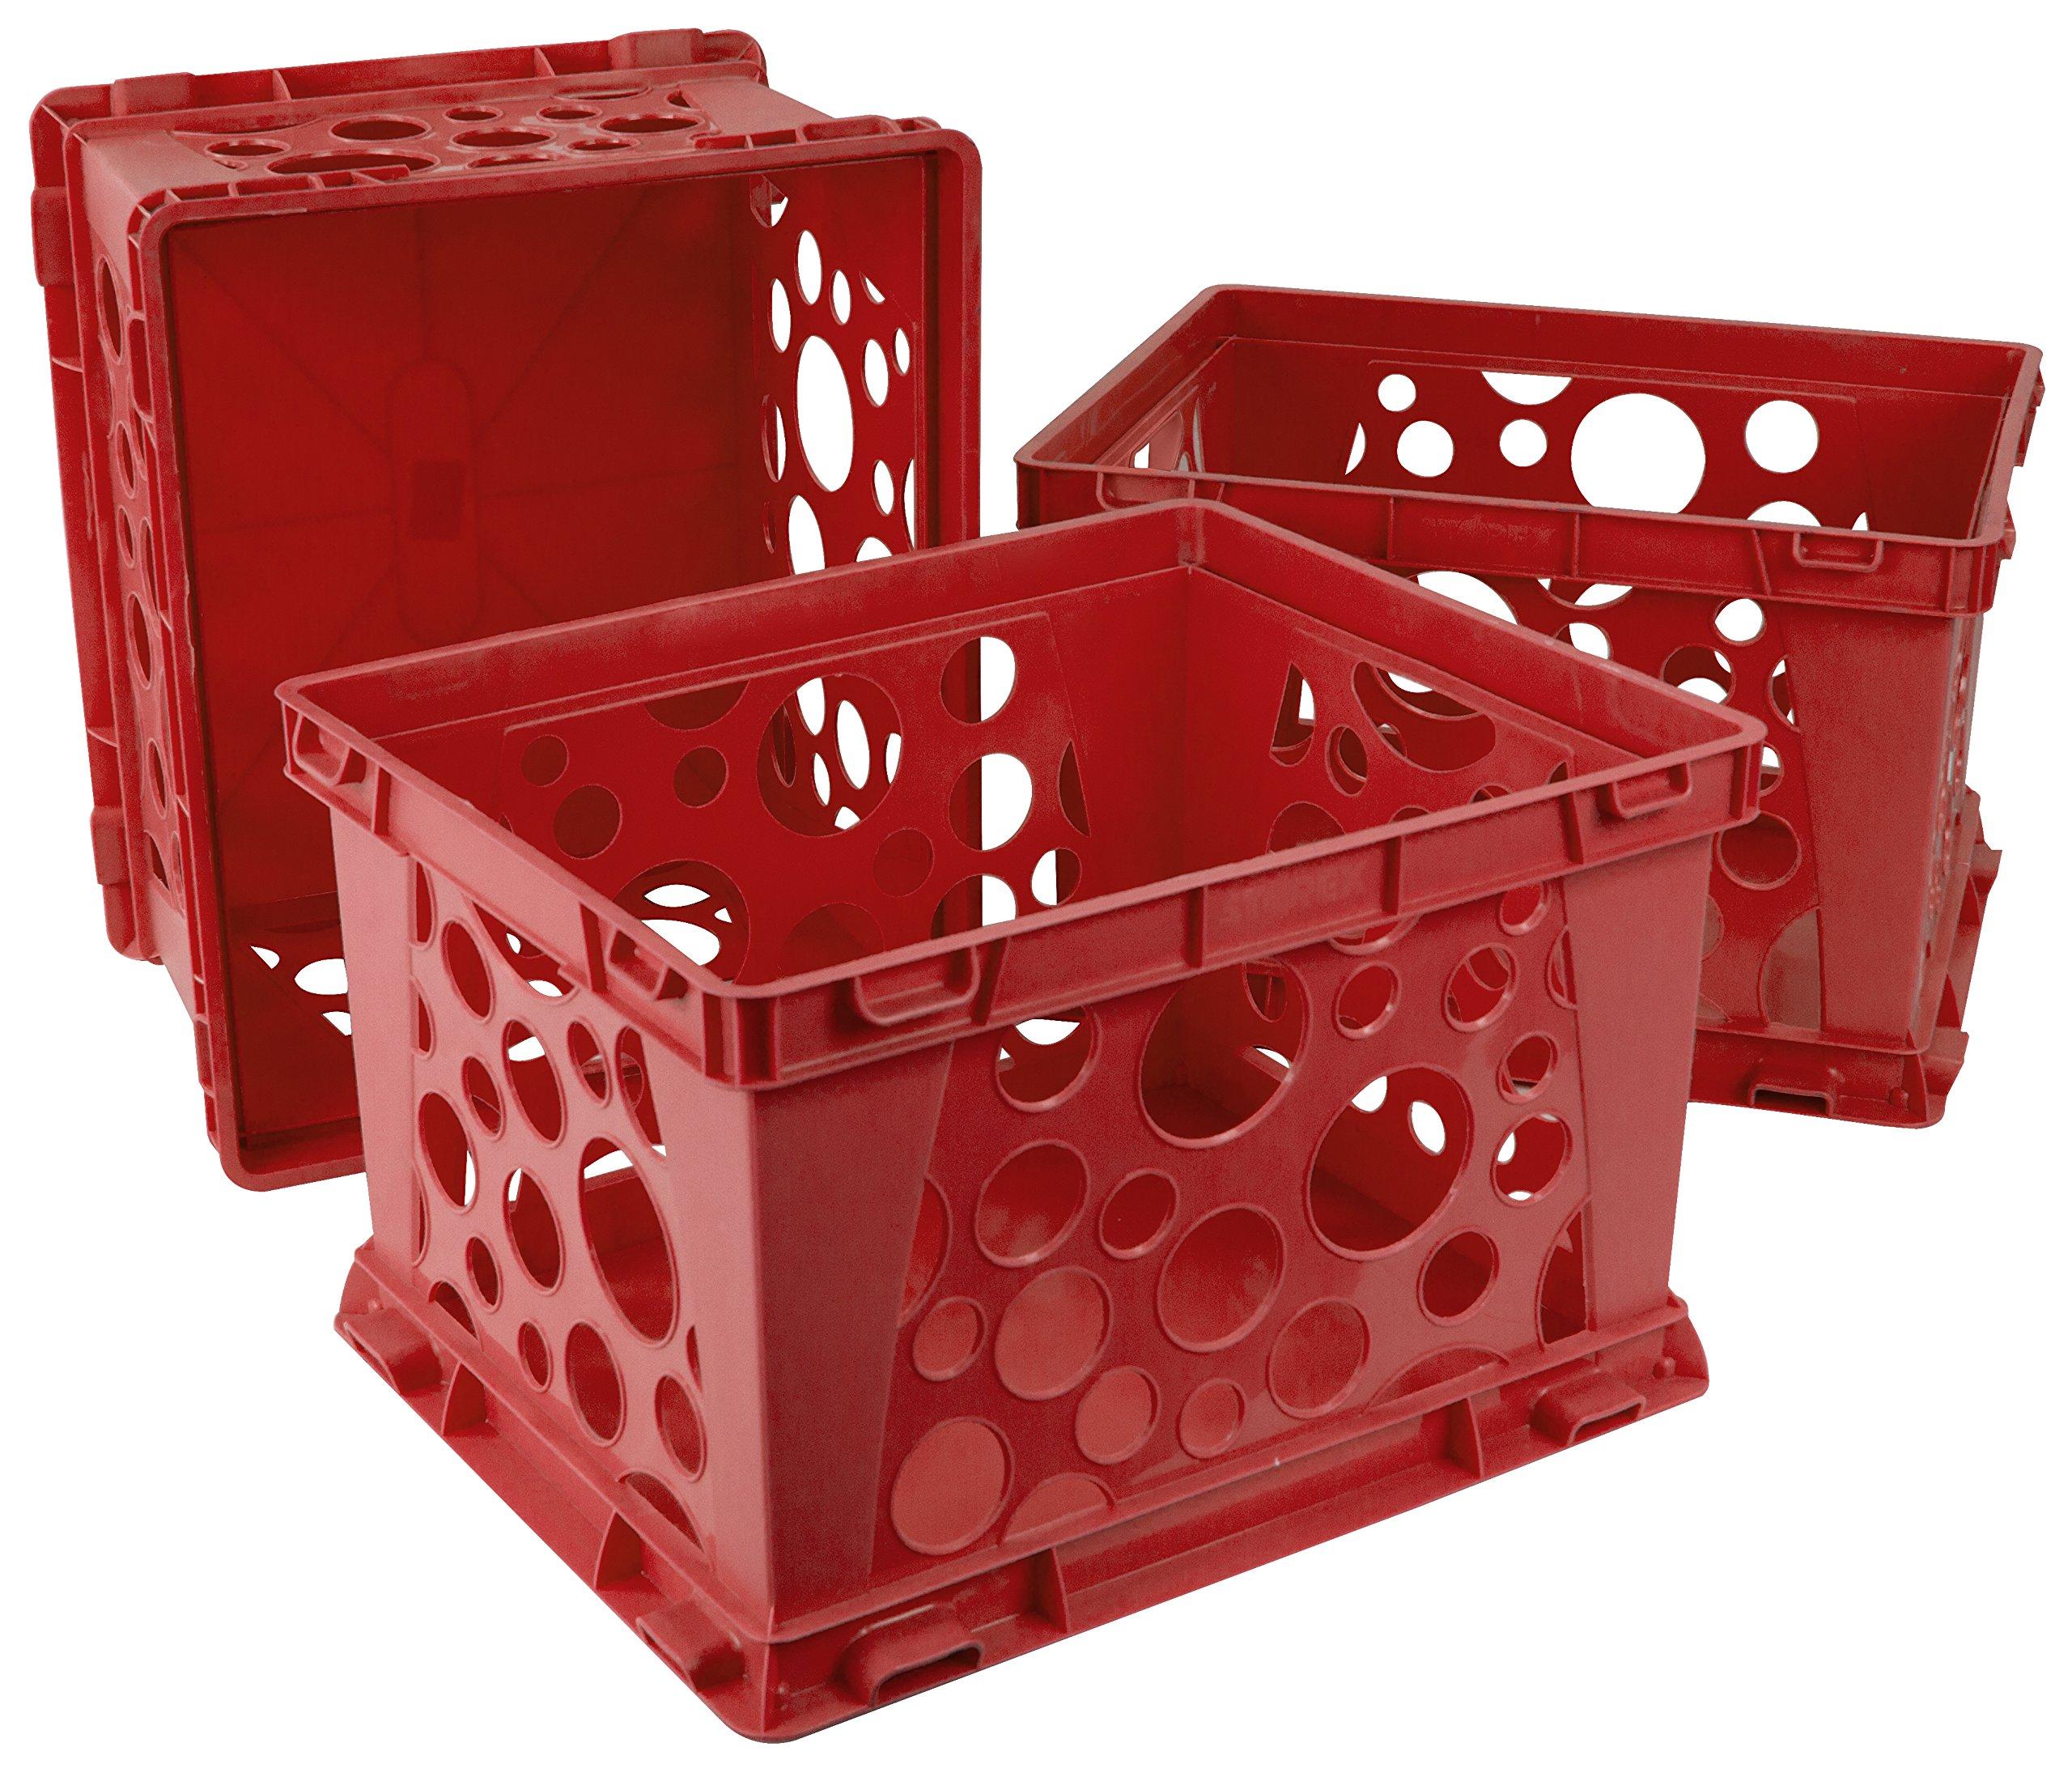 Storex Mini Crate, 9 x 7.75 x 6 Inches, School Red, Case of 3 (61491U03C)